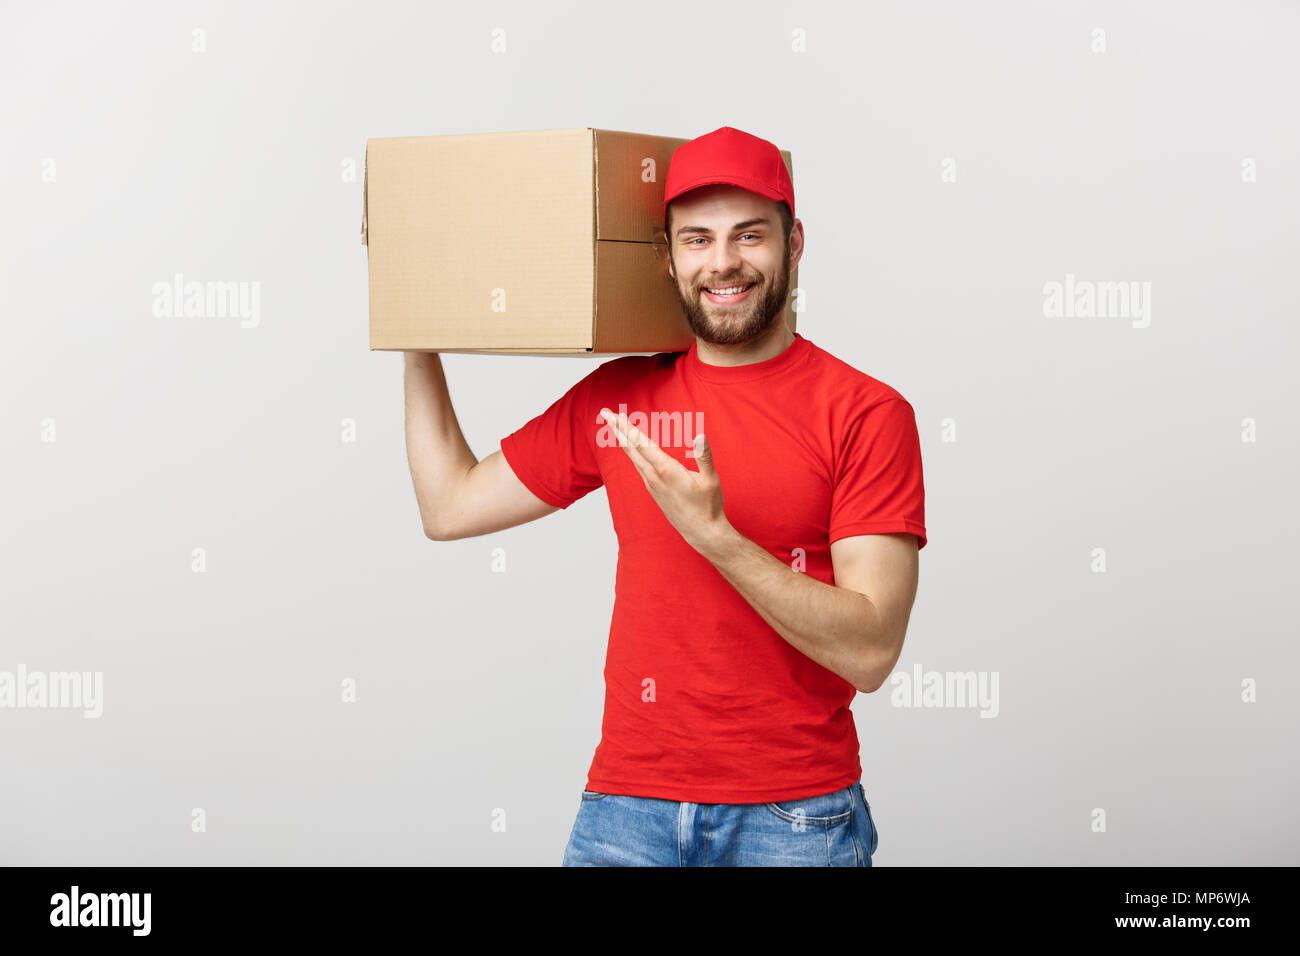 Concept de livraison - Portrait of Happy Young man faisant part de présenter un fort paquet. Isolé sur fond studio gris. Copier l'espace. Photo Stock